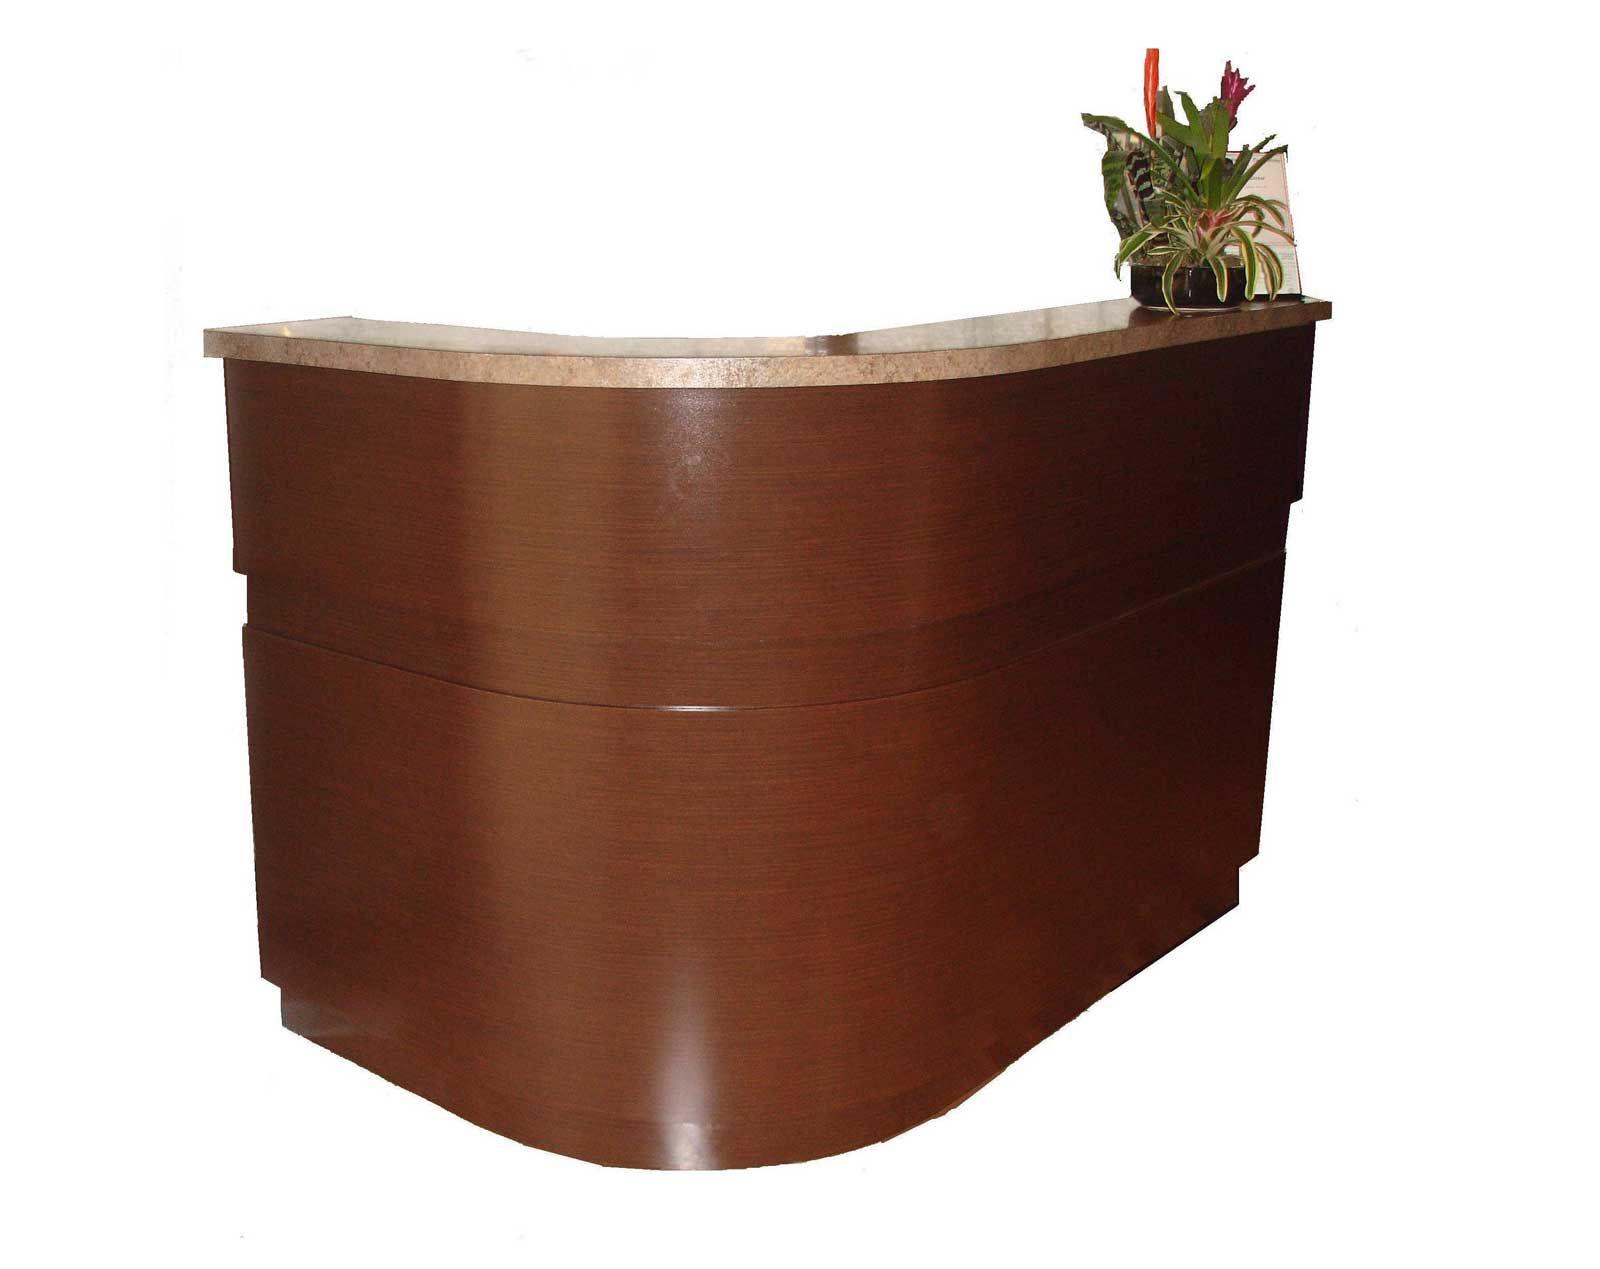 used L-Shaped reception desk  Furniture, Office desk, Reception